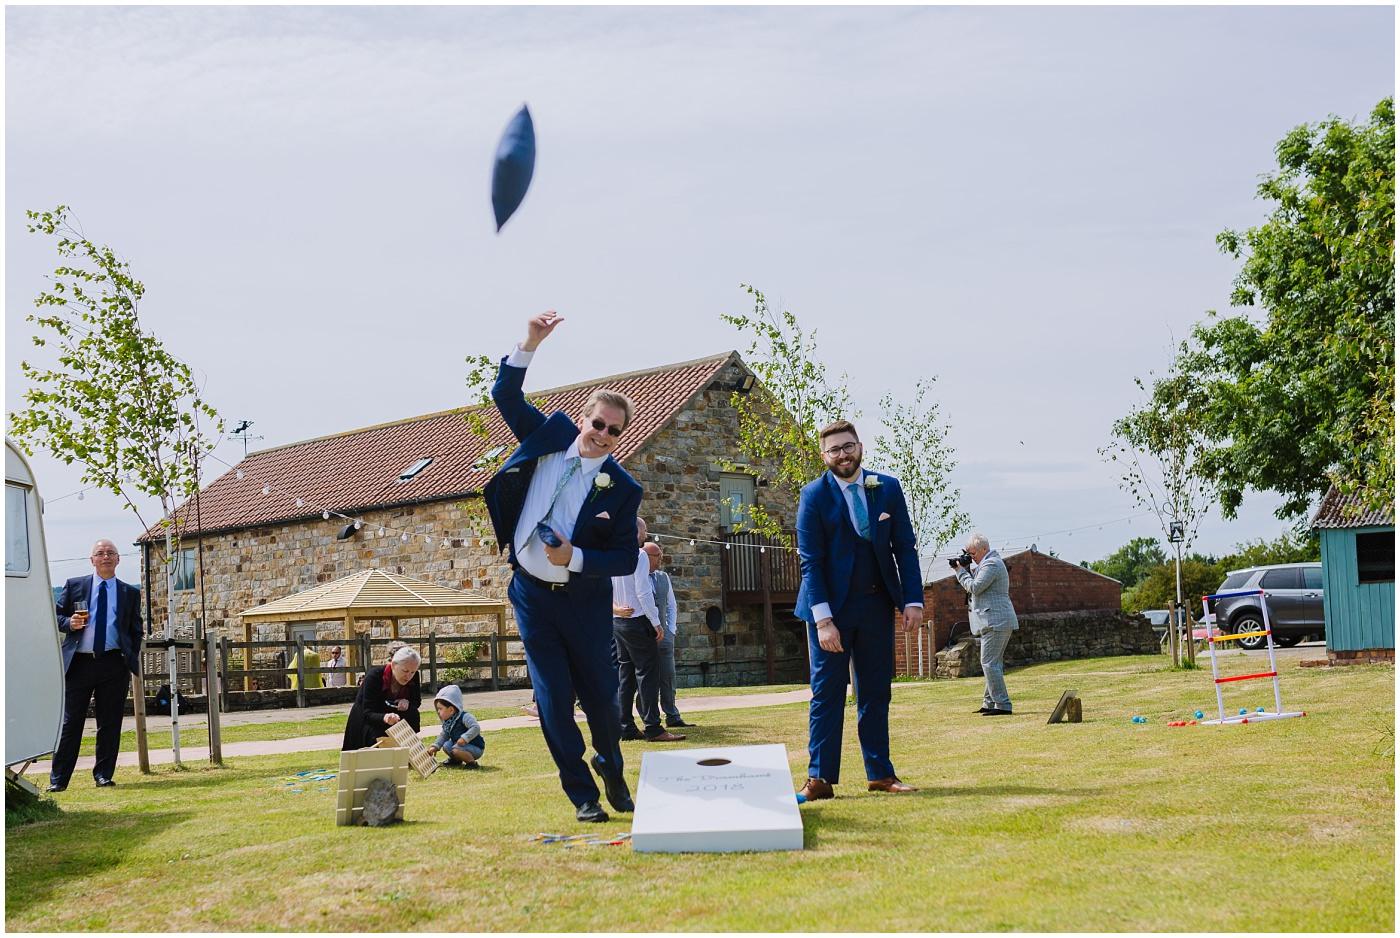 outdoor garden games at festival tipi wedding